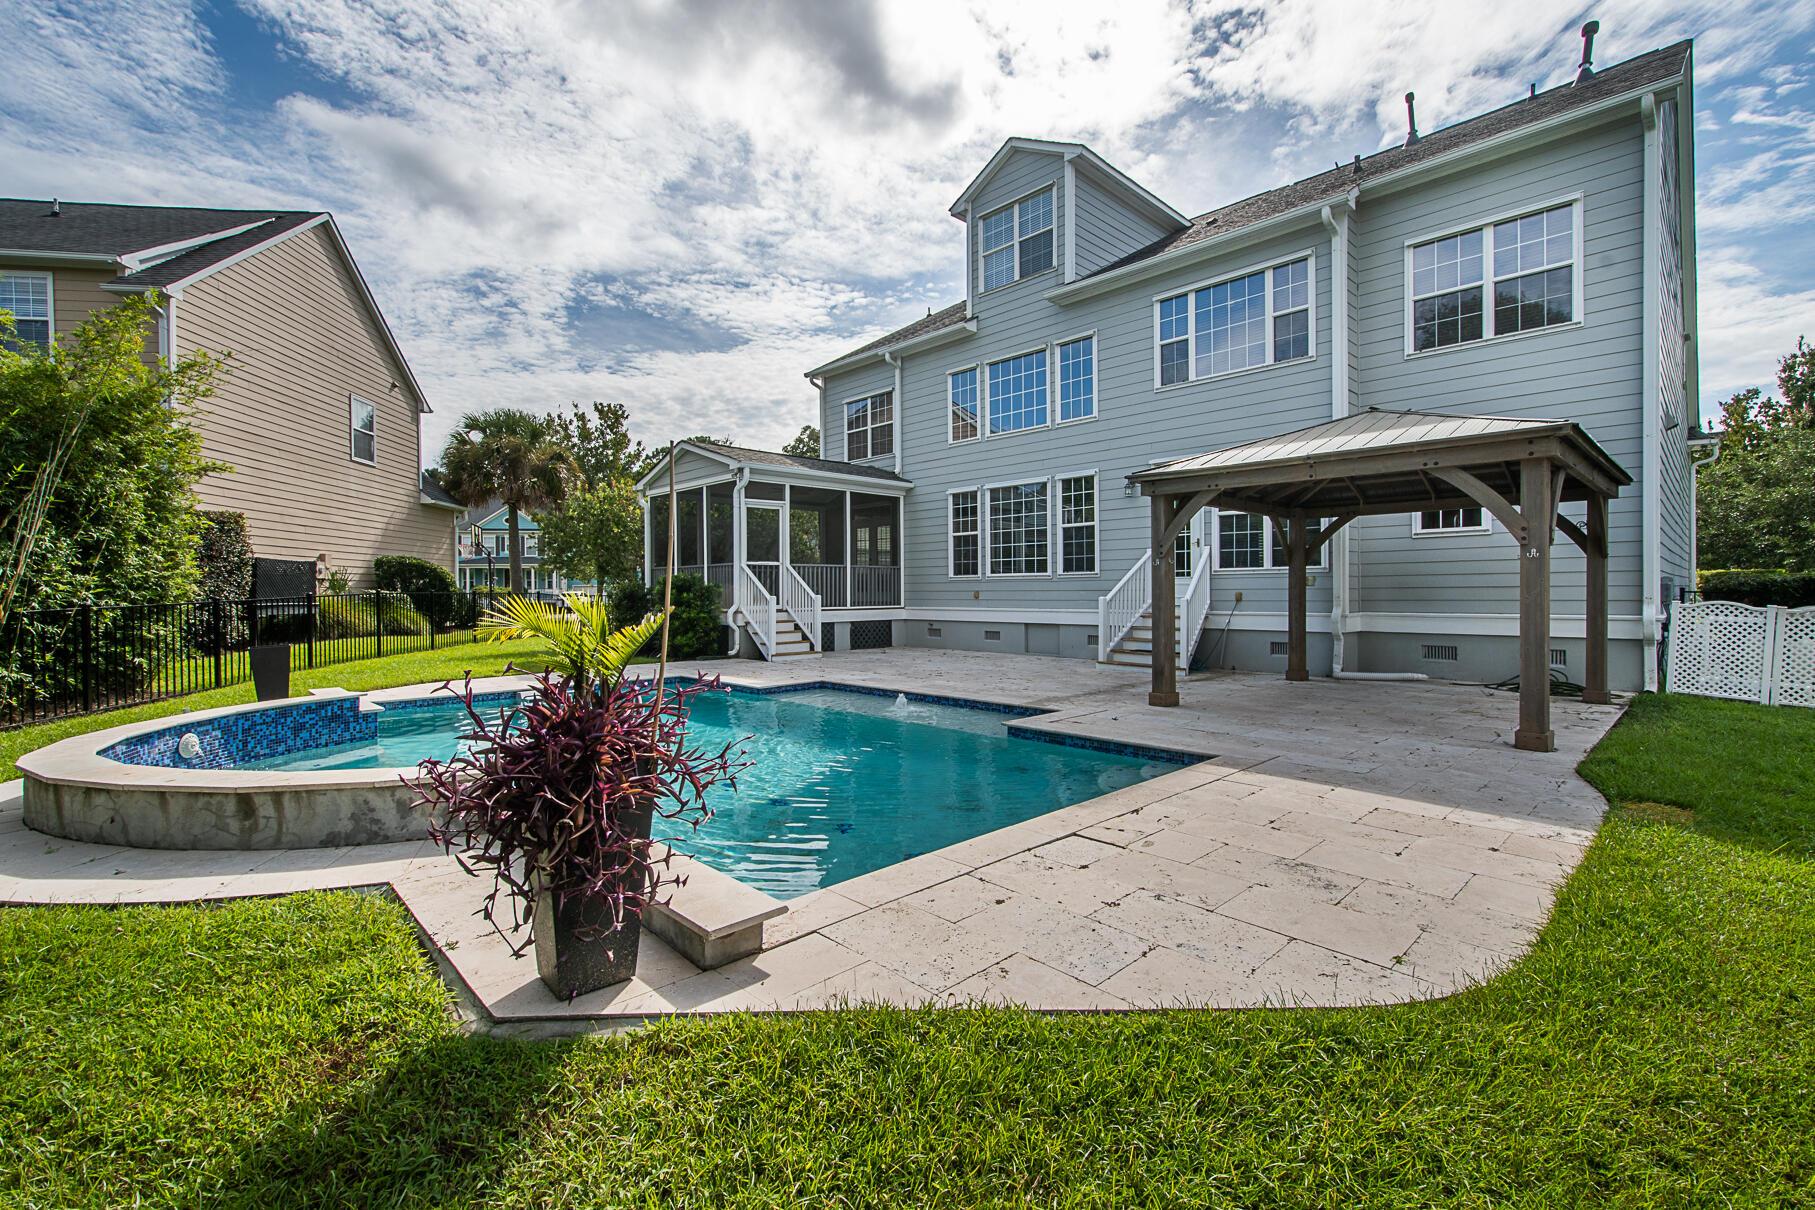 Dunes West Homes For Sale - 3059 Riverwood, Mount Pleasant, SC - 11